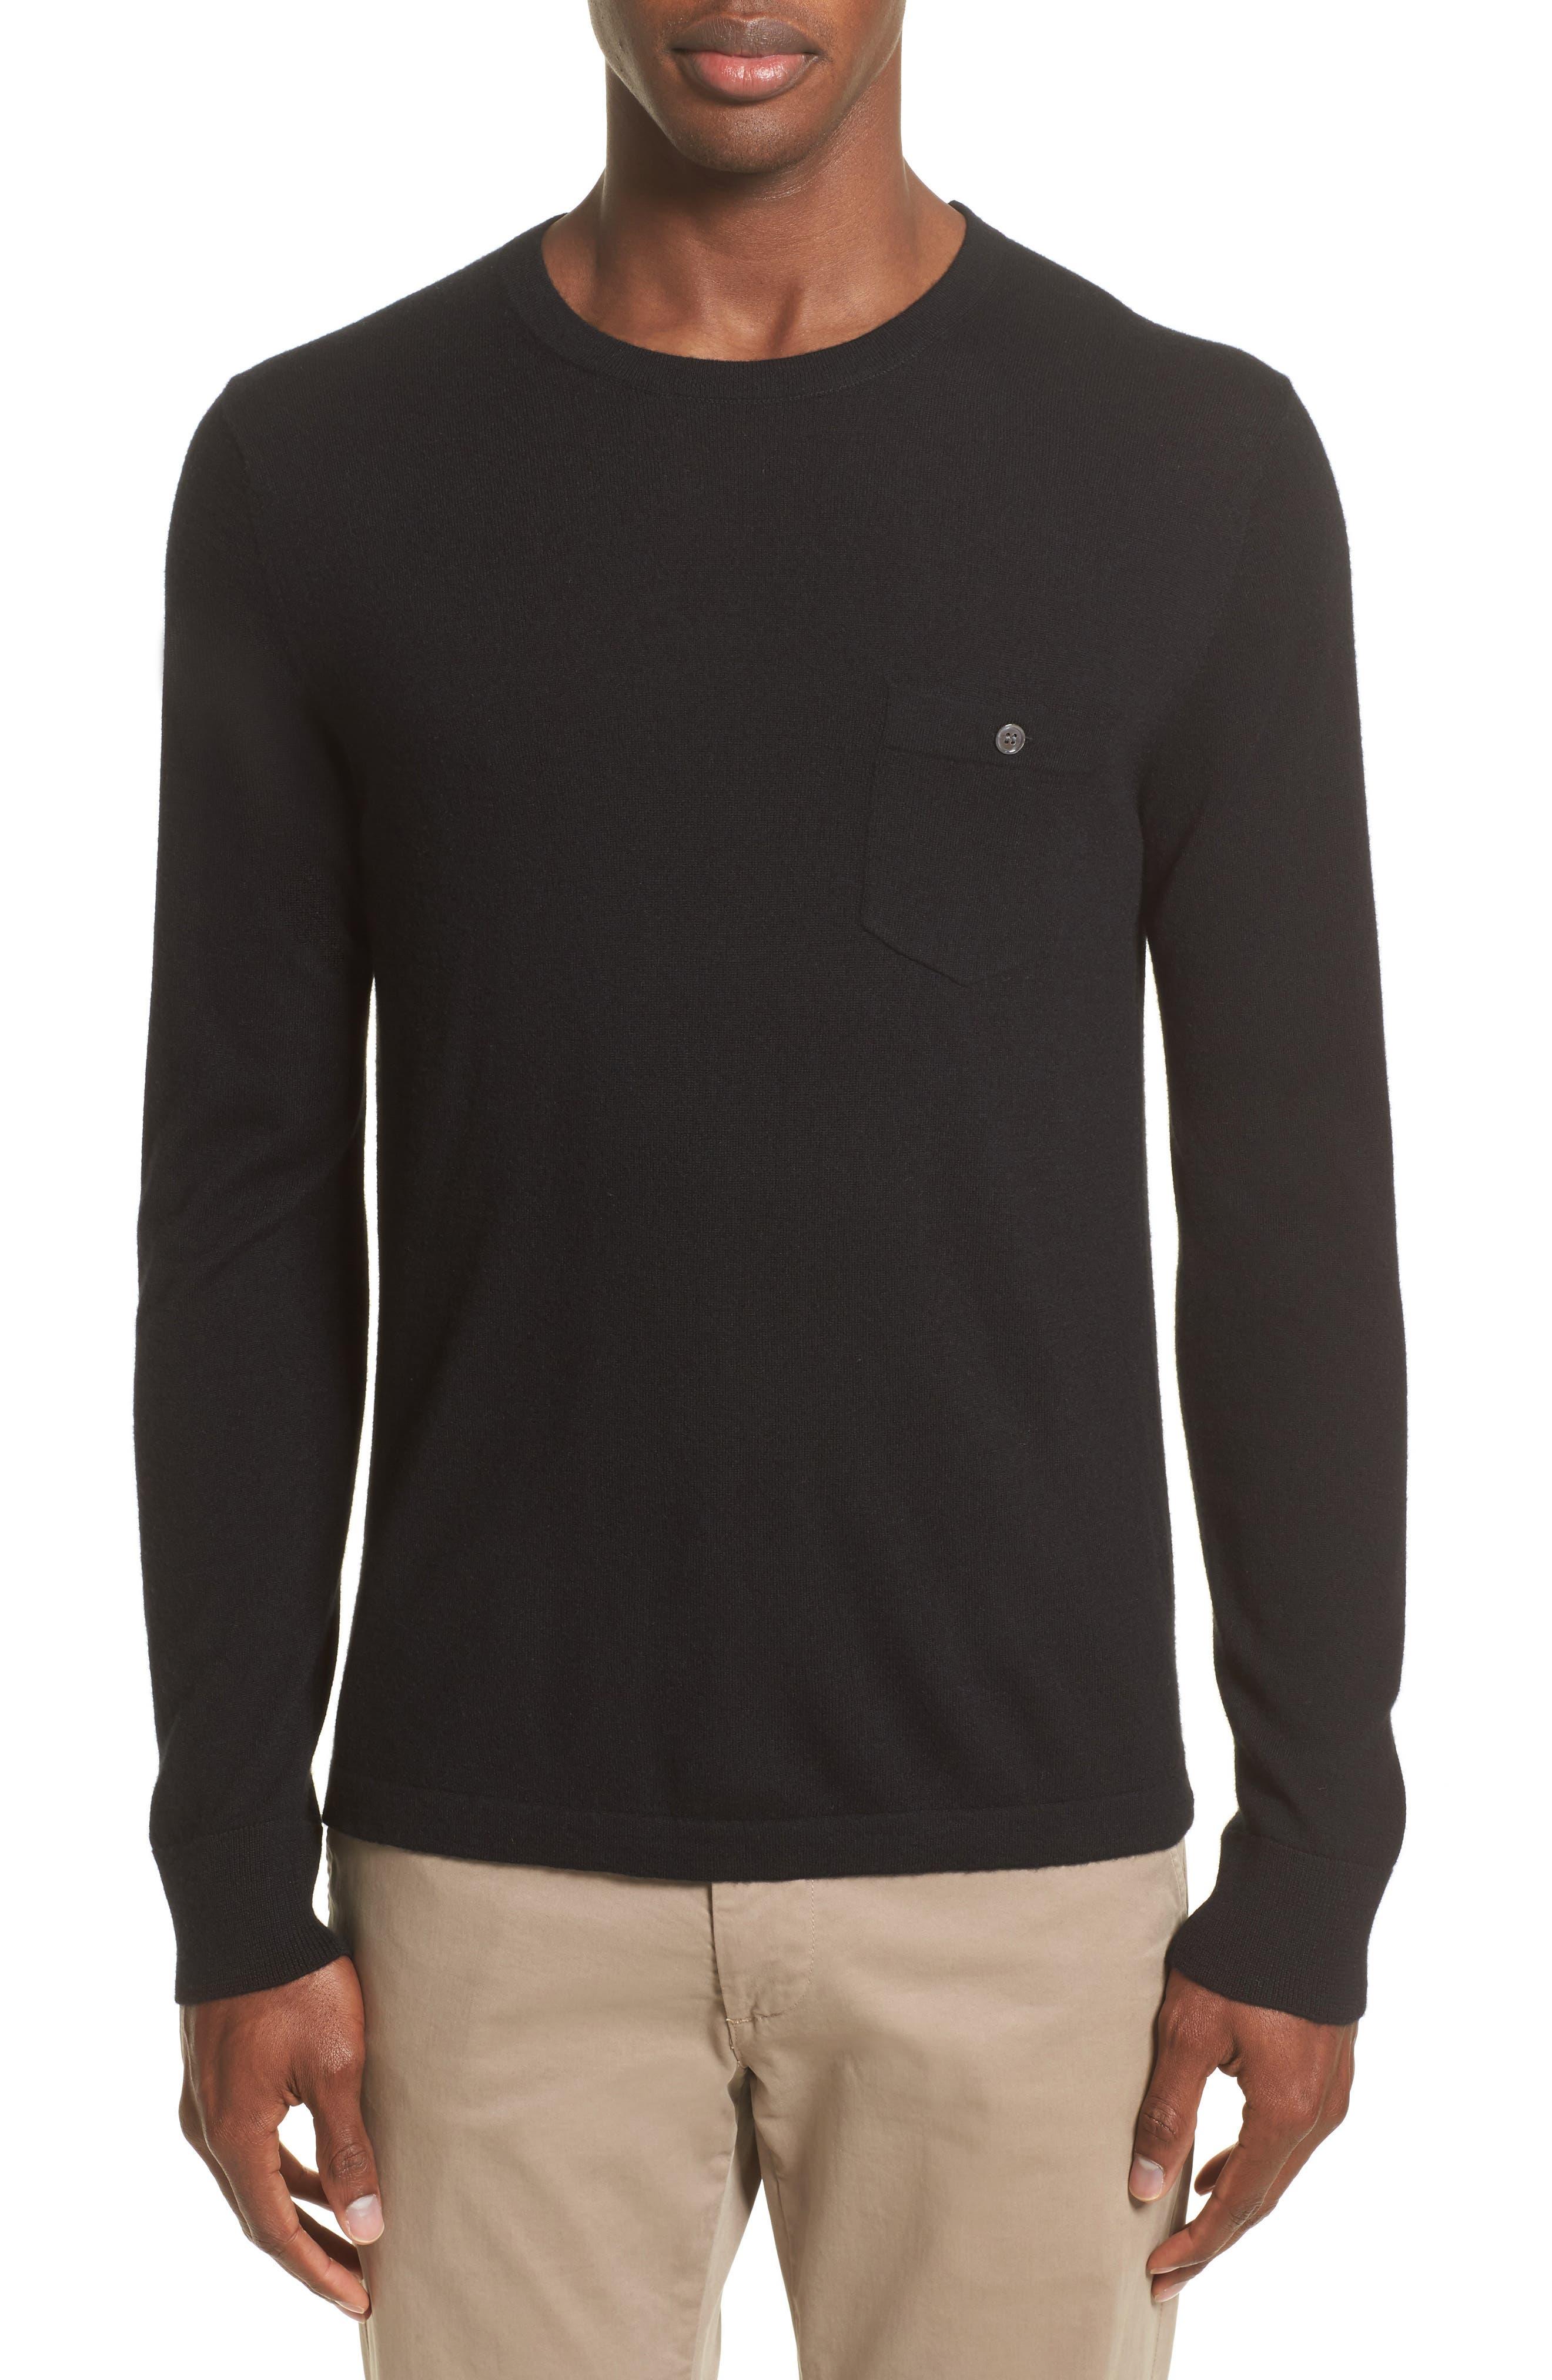 Alternate Image 1 Selected - Todd Snyder Cashmere Pocket T-Shirt